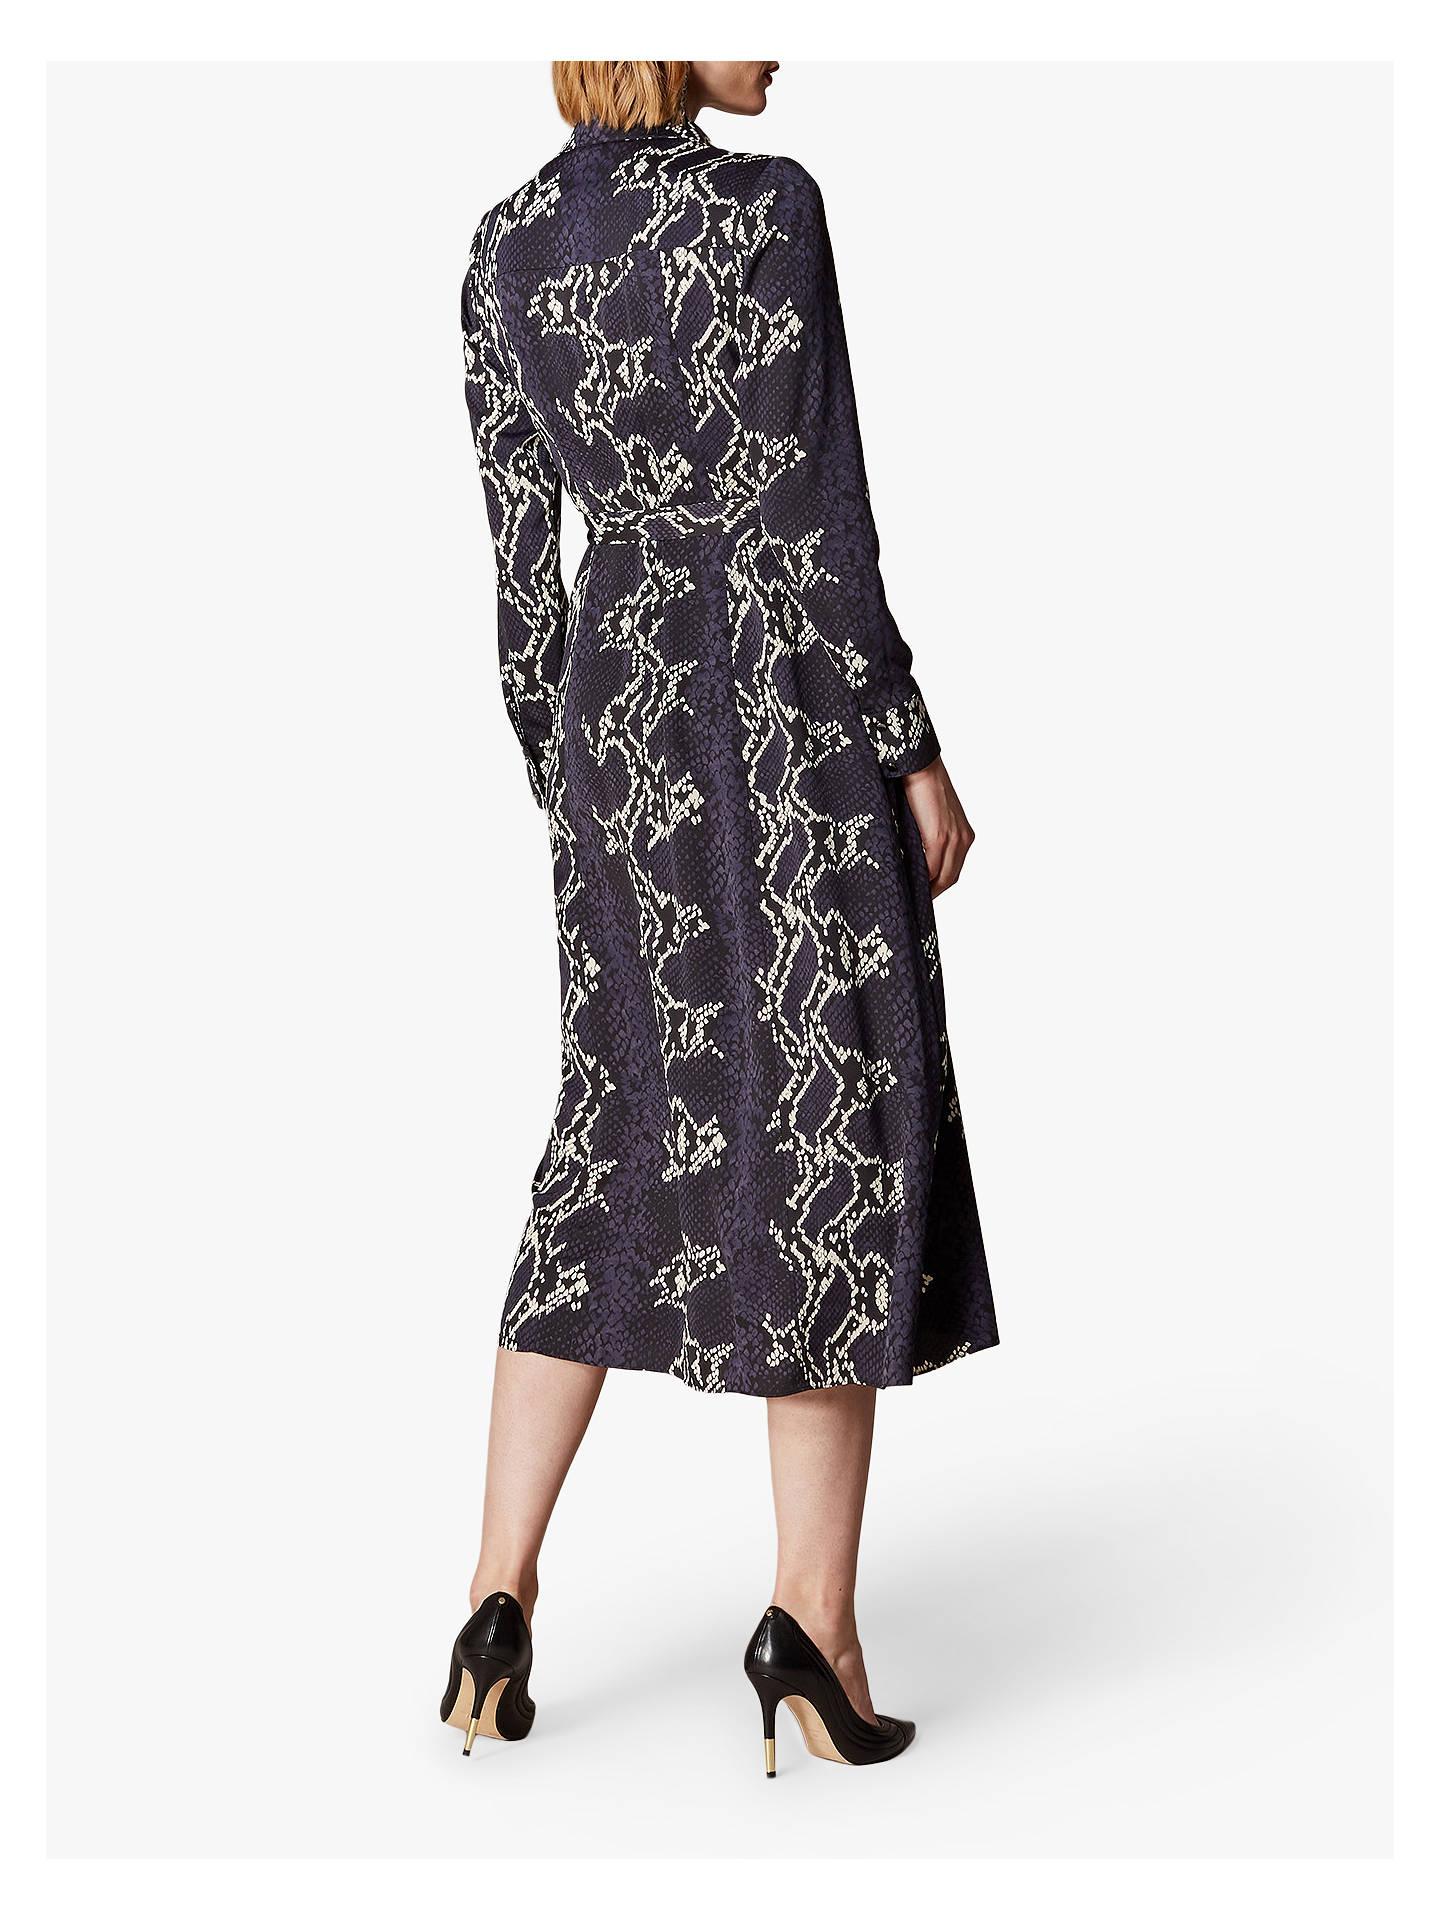 5d34e99813 ... BuyKaren Millen Snake Print Midi Shirt Dress